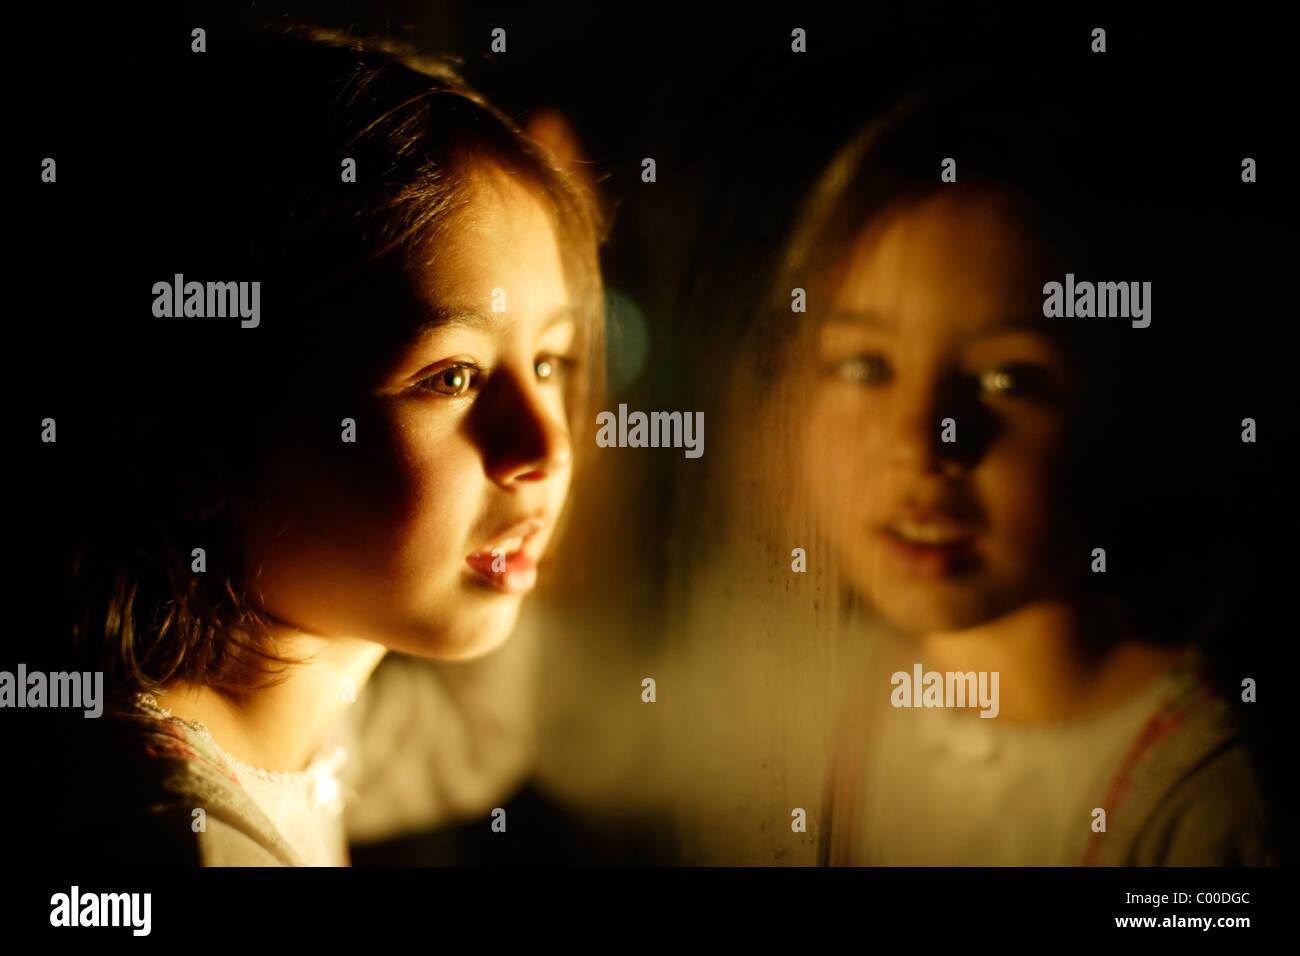 Chica en la noche con el reflejo de la ventana Imagen De Stock